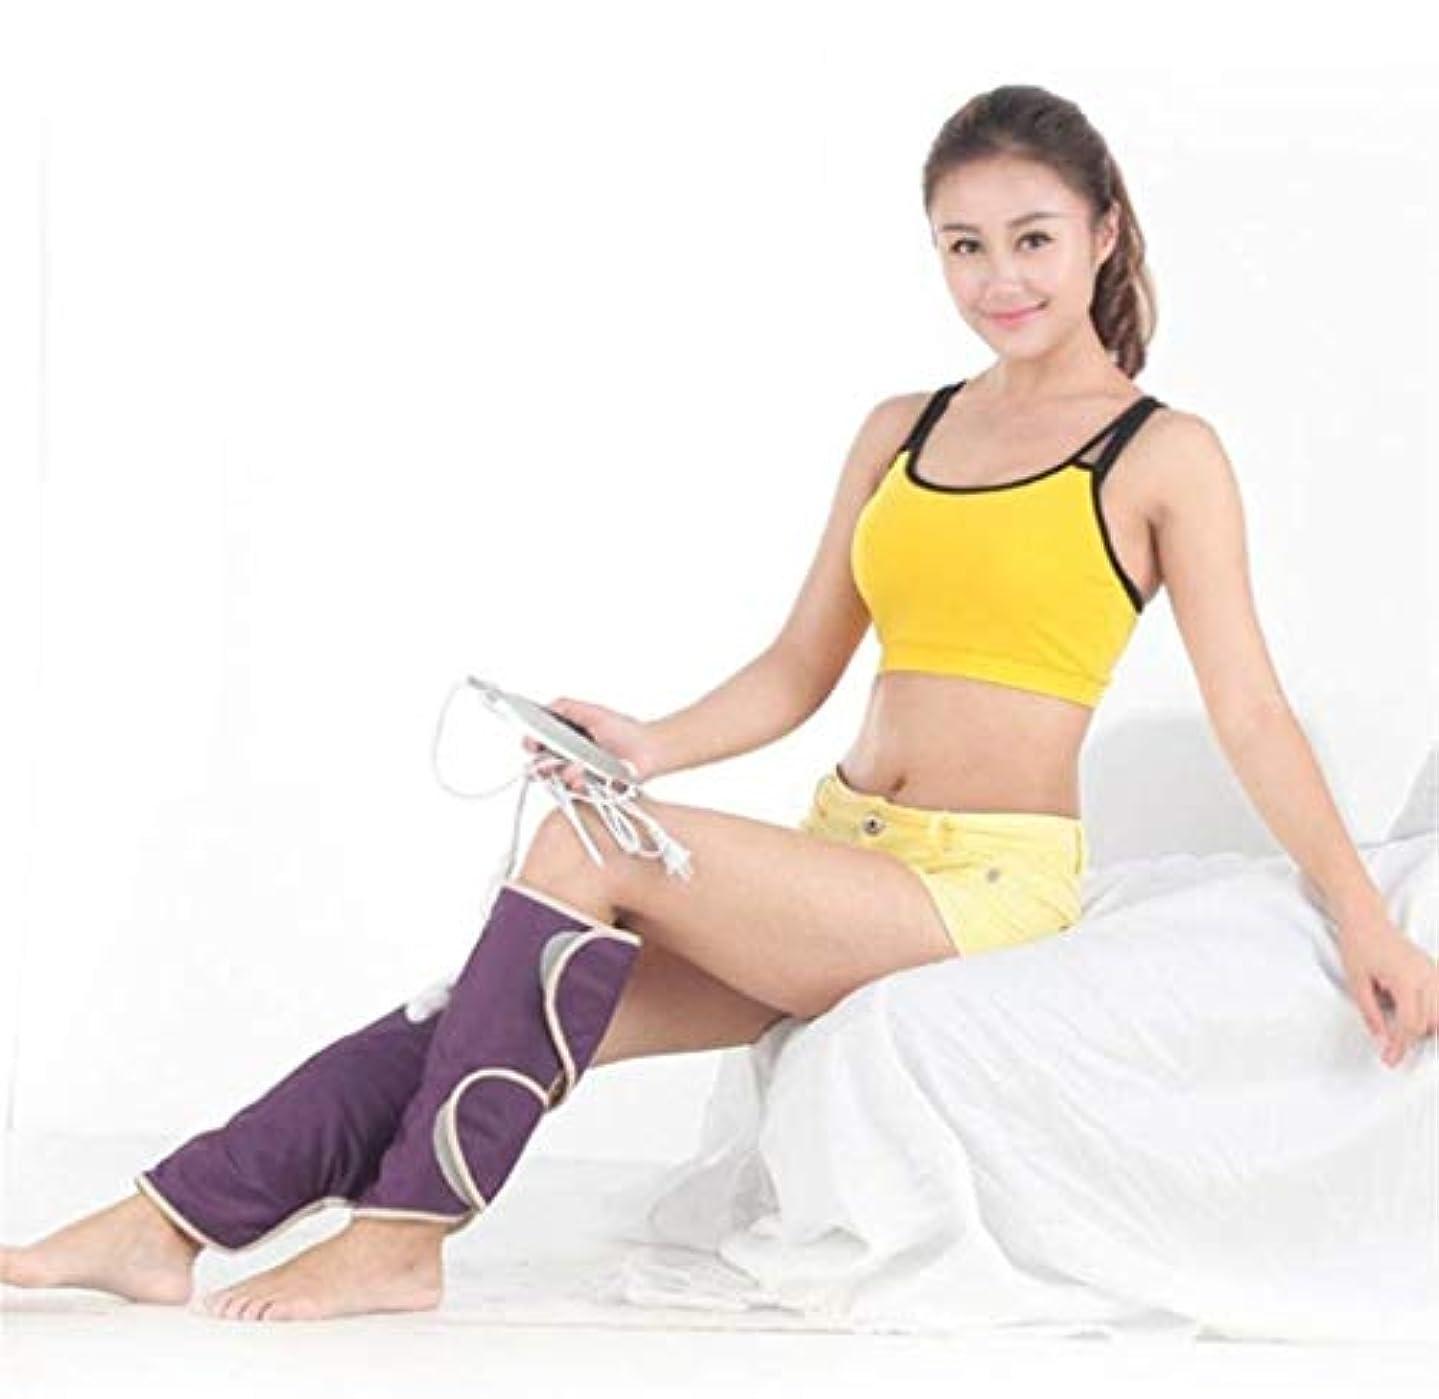 必要としている闇クリスチャン電気マッサージ器、遠赤外線電気膝パッド、3つの振動モード、理学療法装置、血液循環の促進、筋肉の弛緩